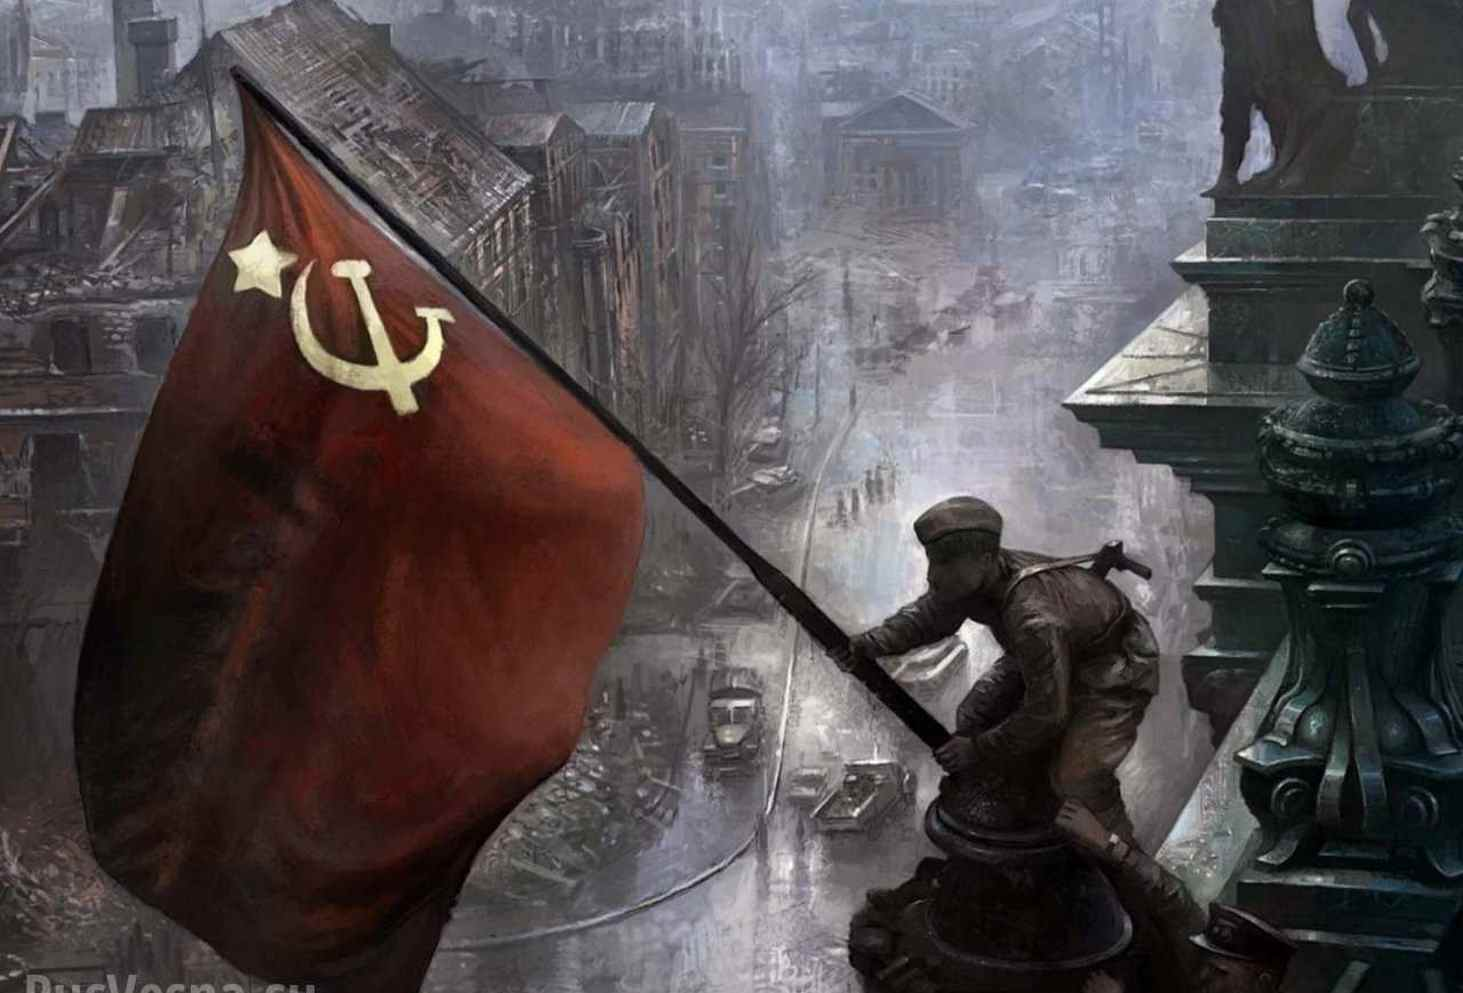 opublikovany-materialy-dlya-podgotovki-k-uroku-posvyashhennomu-75-letiyu-velikoj-pobedy